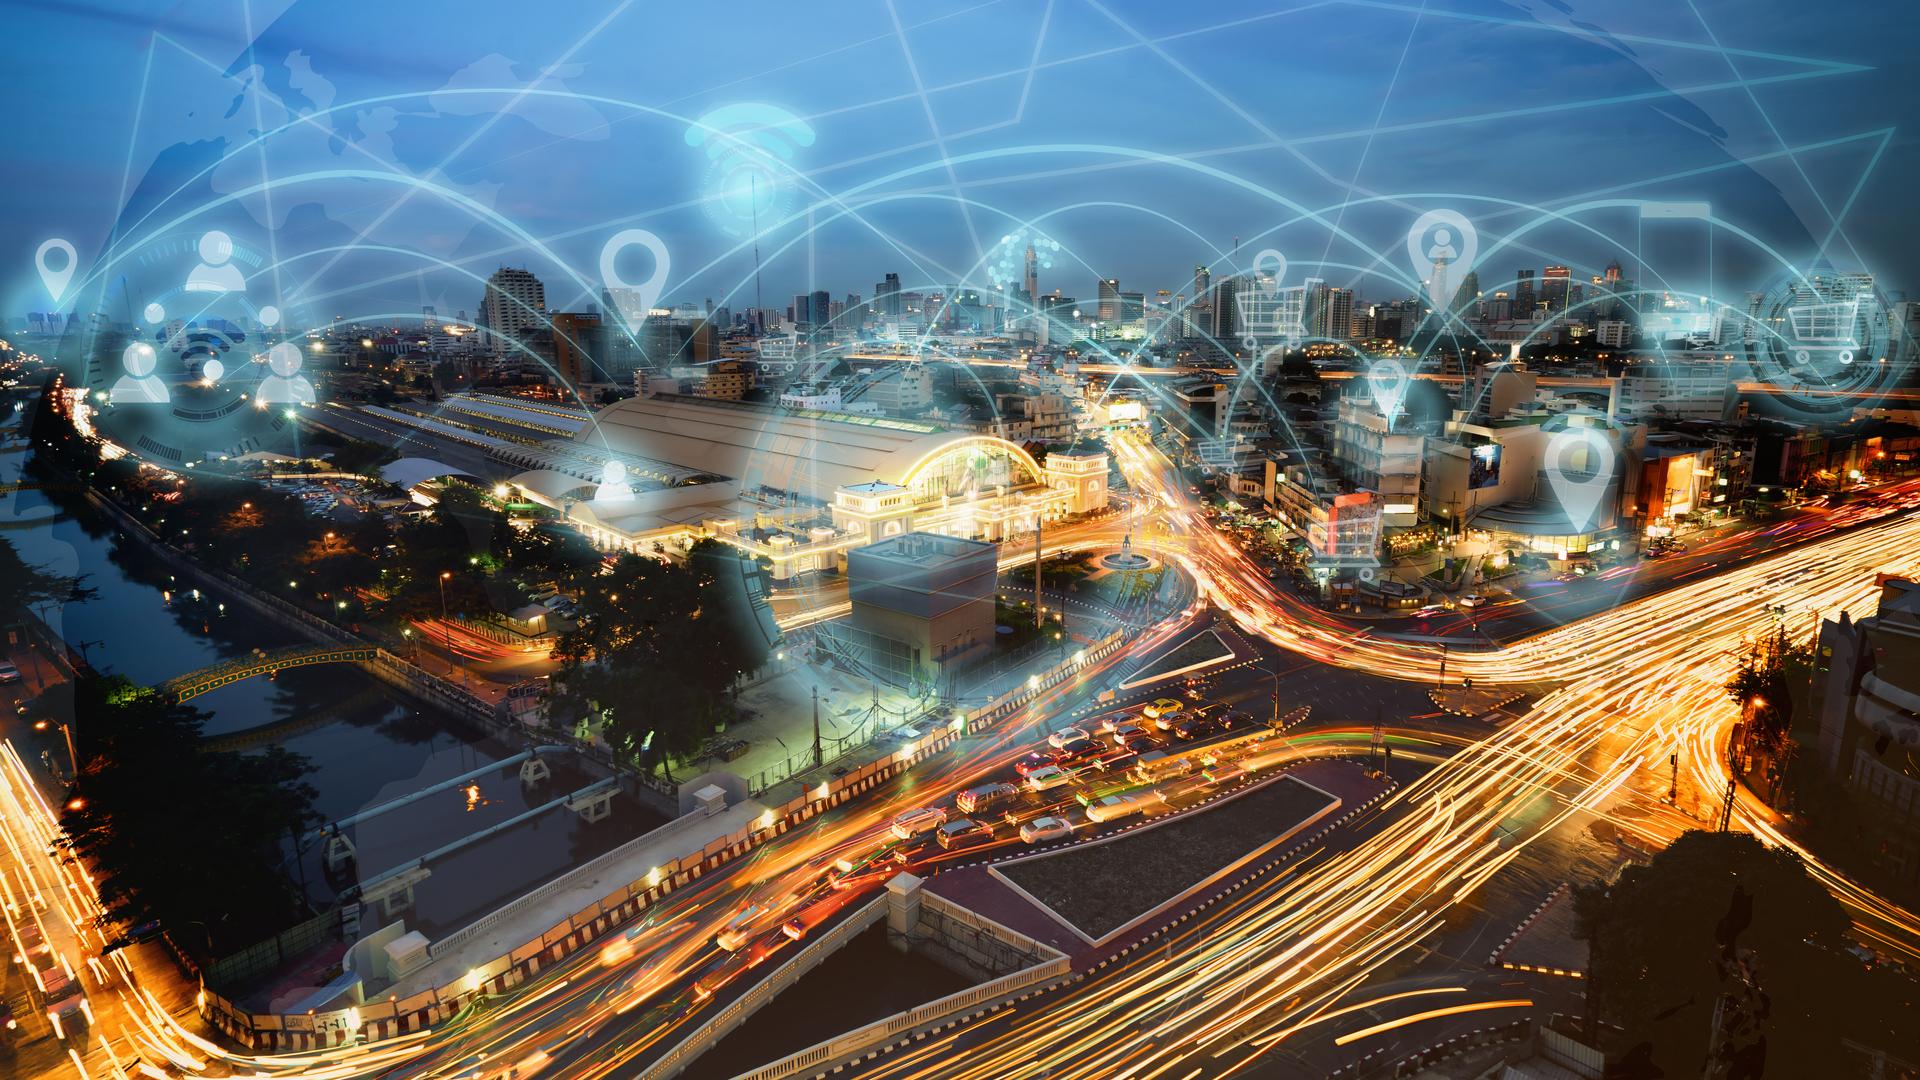 Інфраструктура, транспорт та логістика